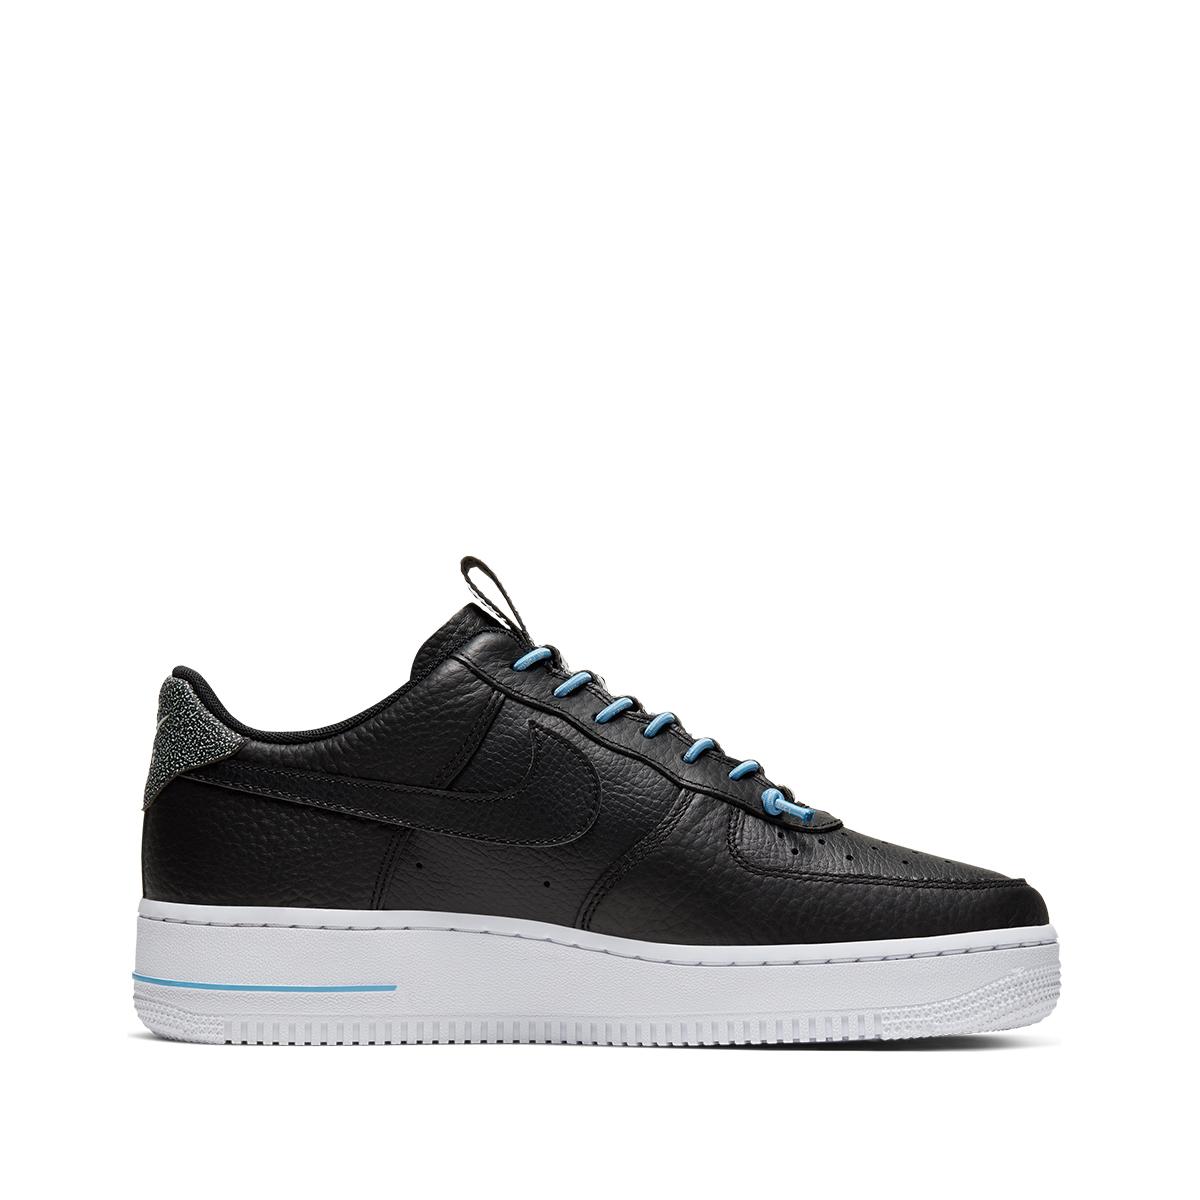 Nike Womens Air Force 1 '07